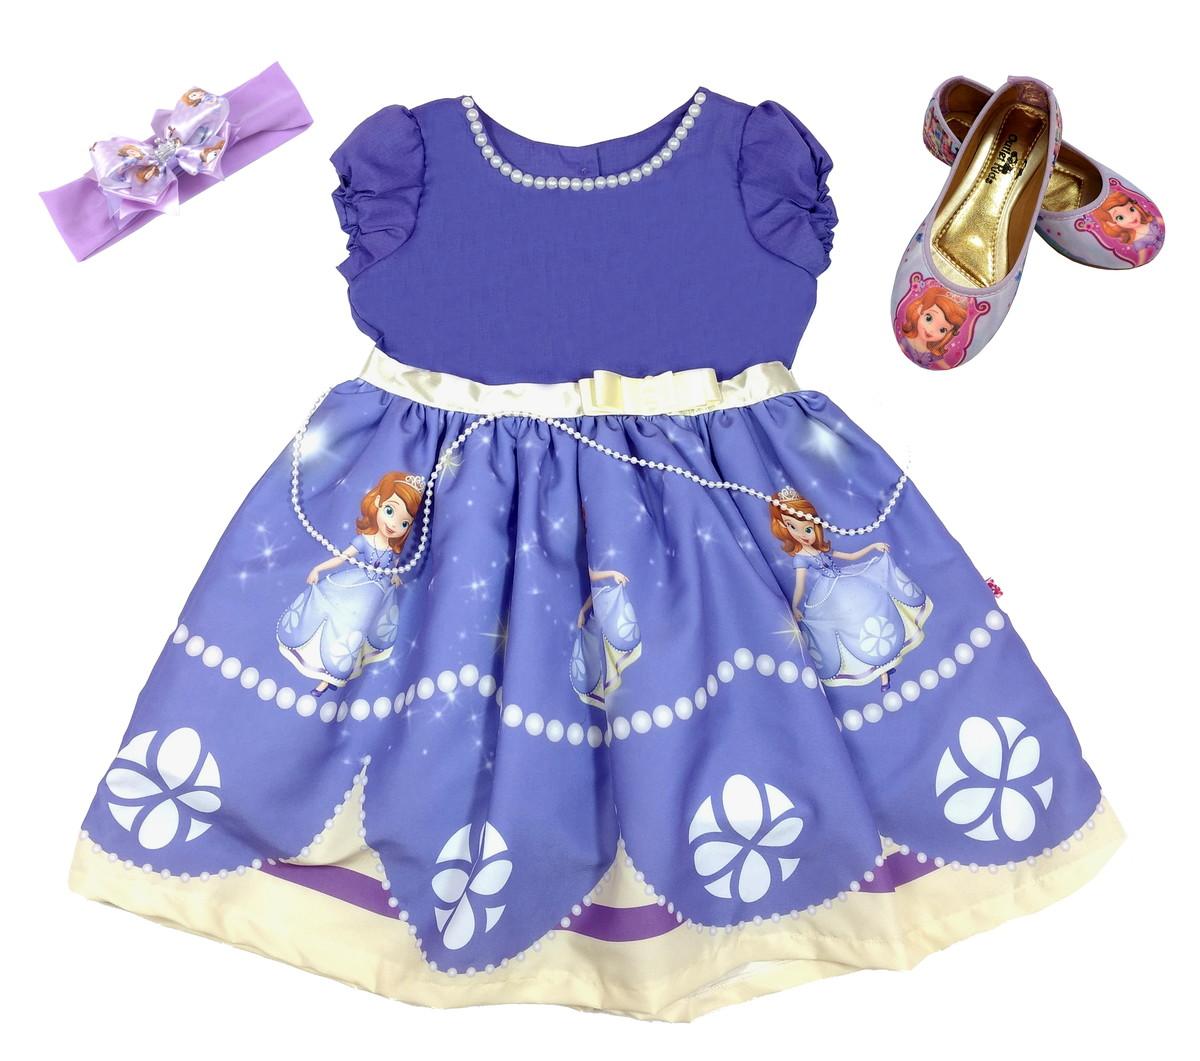 Vestido Princesa Sofia Tam81012 Com Mangafarixasapatilha